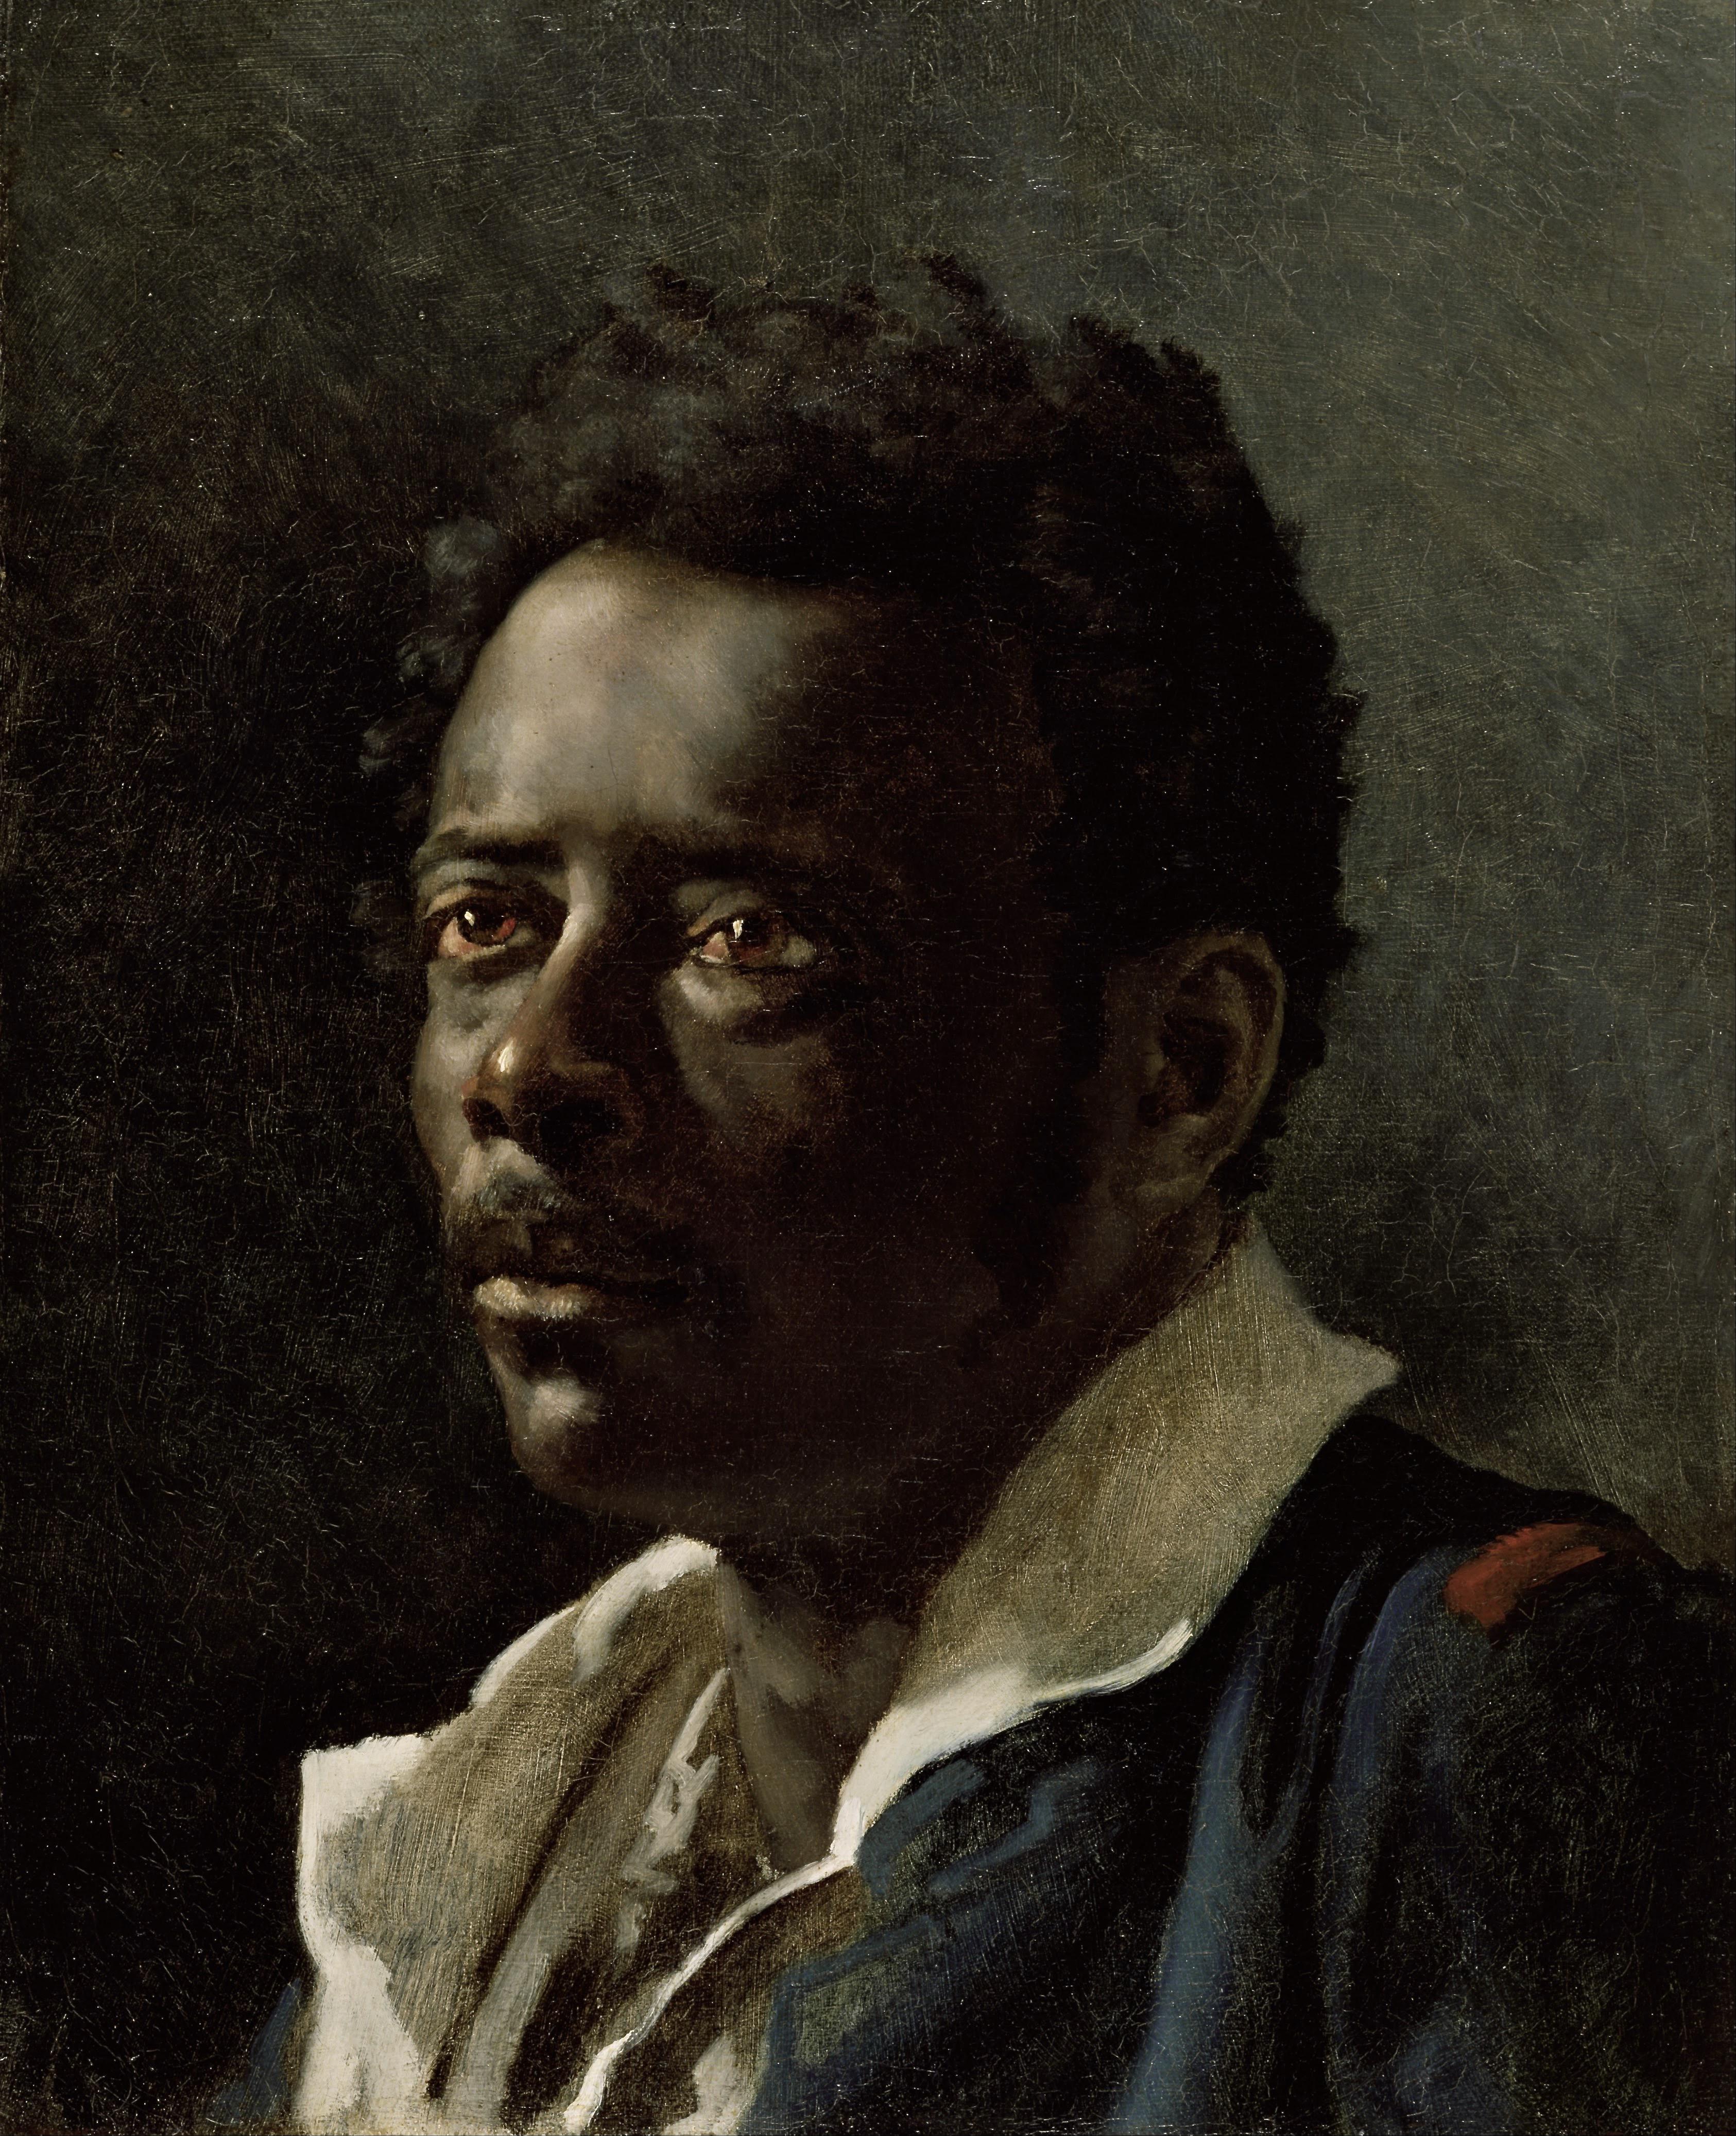 Théodore_Géricault_(French_-_Portrait_Study_-_Google_Art_Project